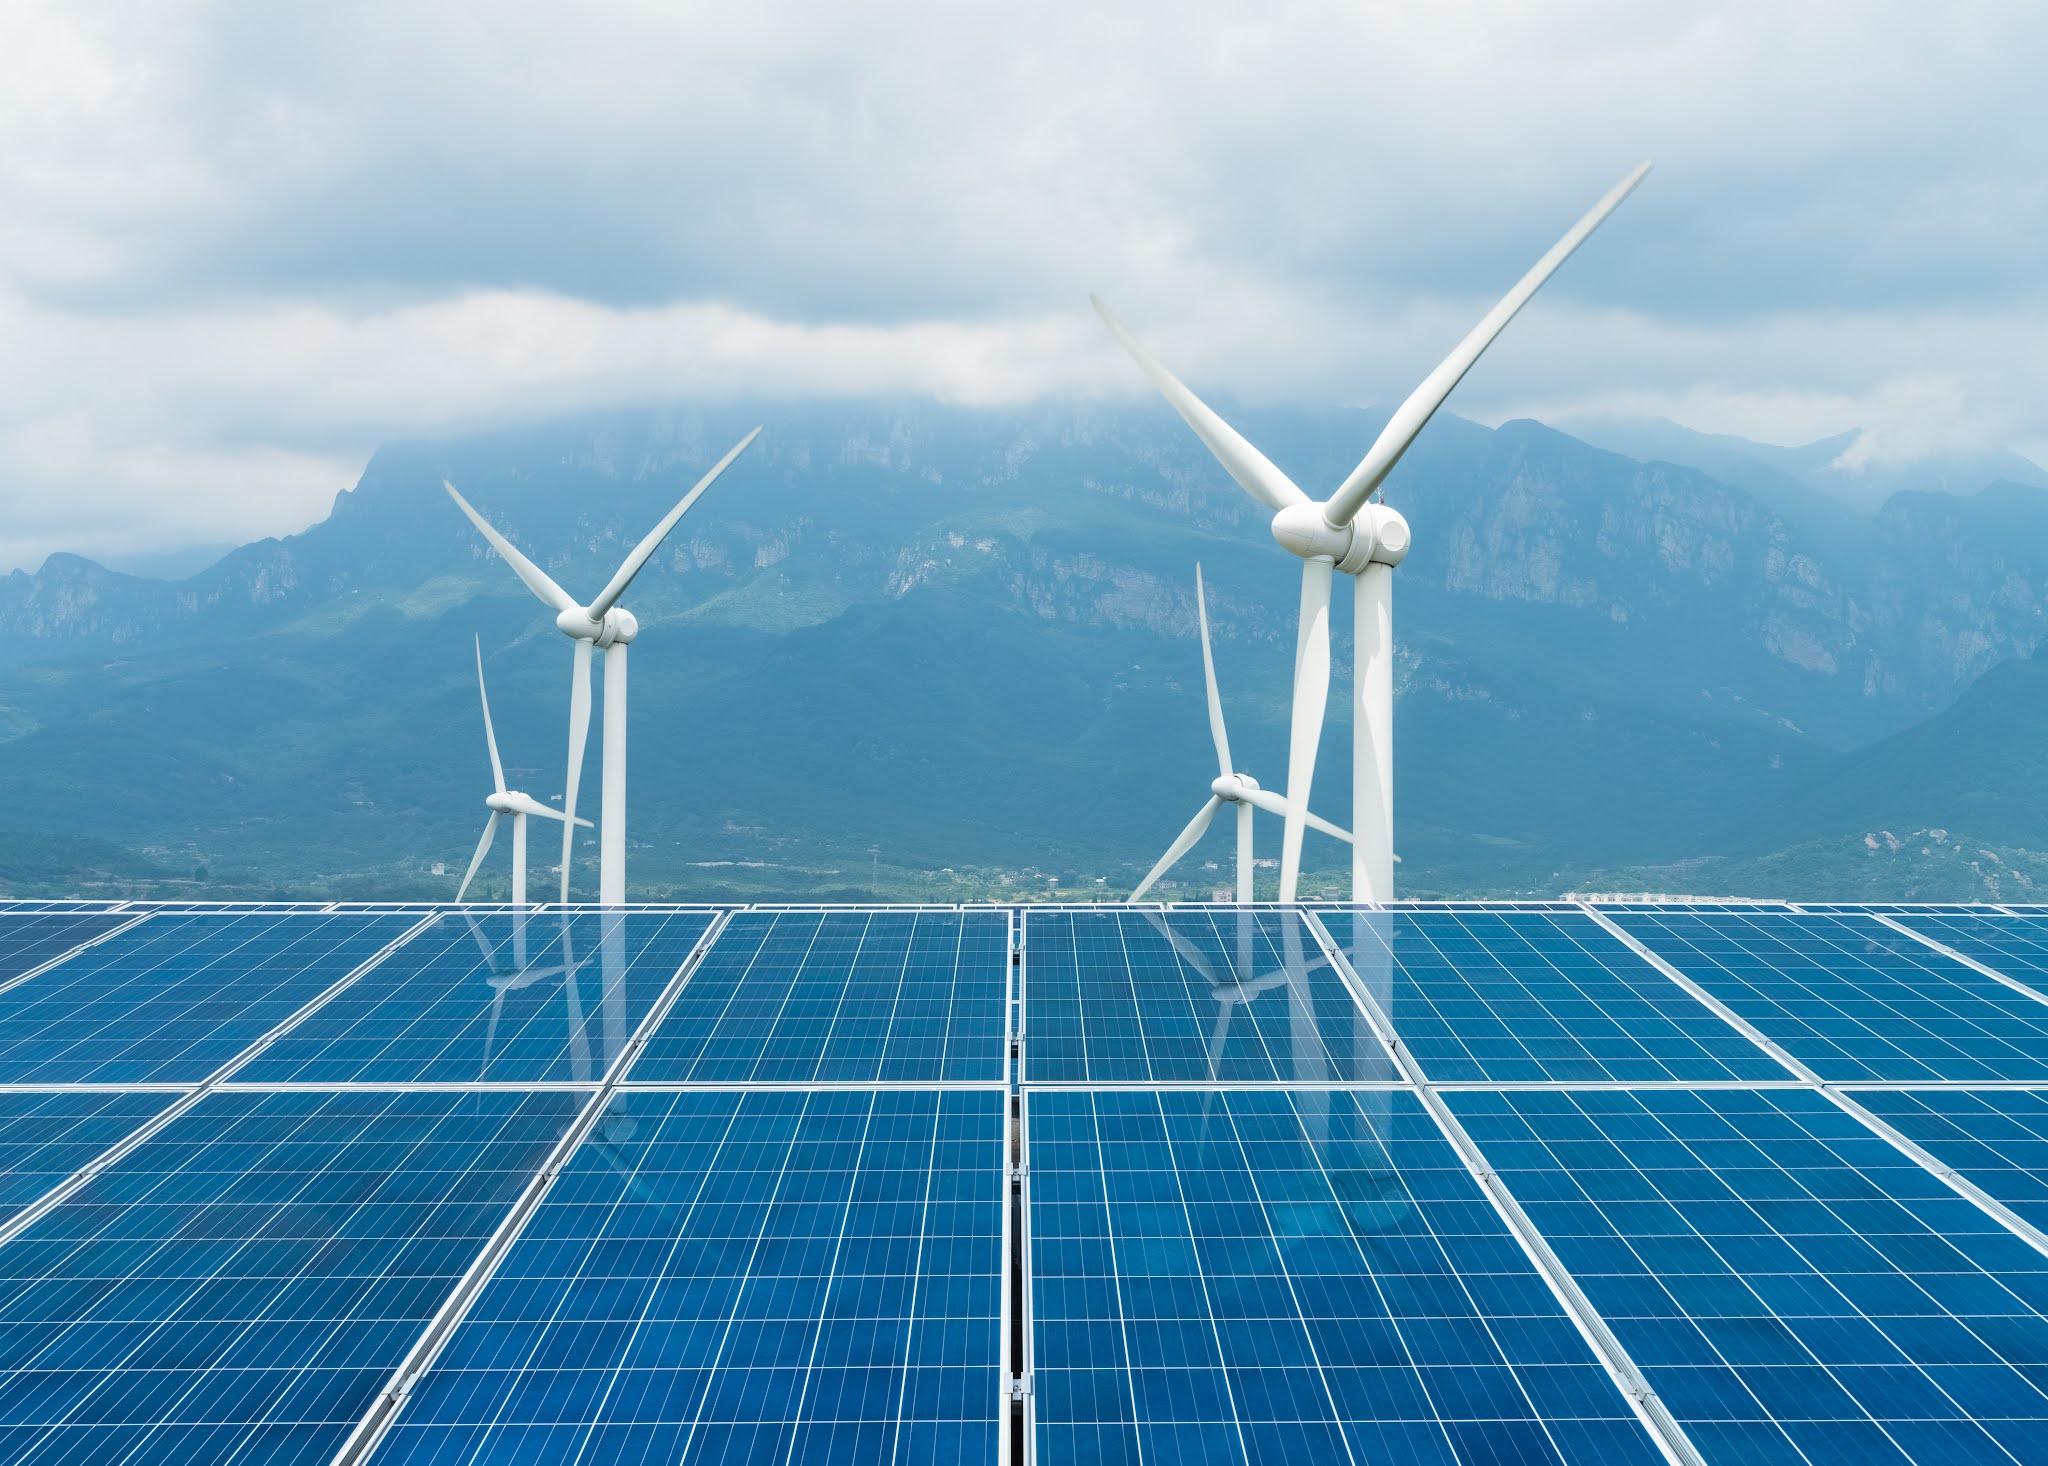 مصدر أبوظبي تدعم مشاريع ابتكار وتطوير تقنيات المستقبل future المستدام